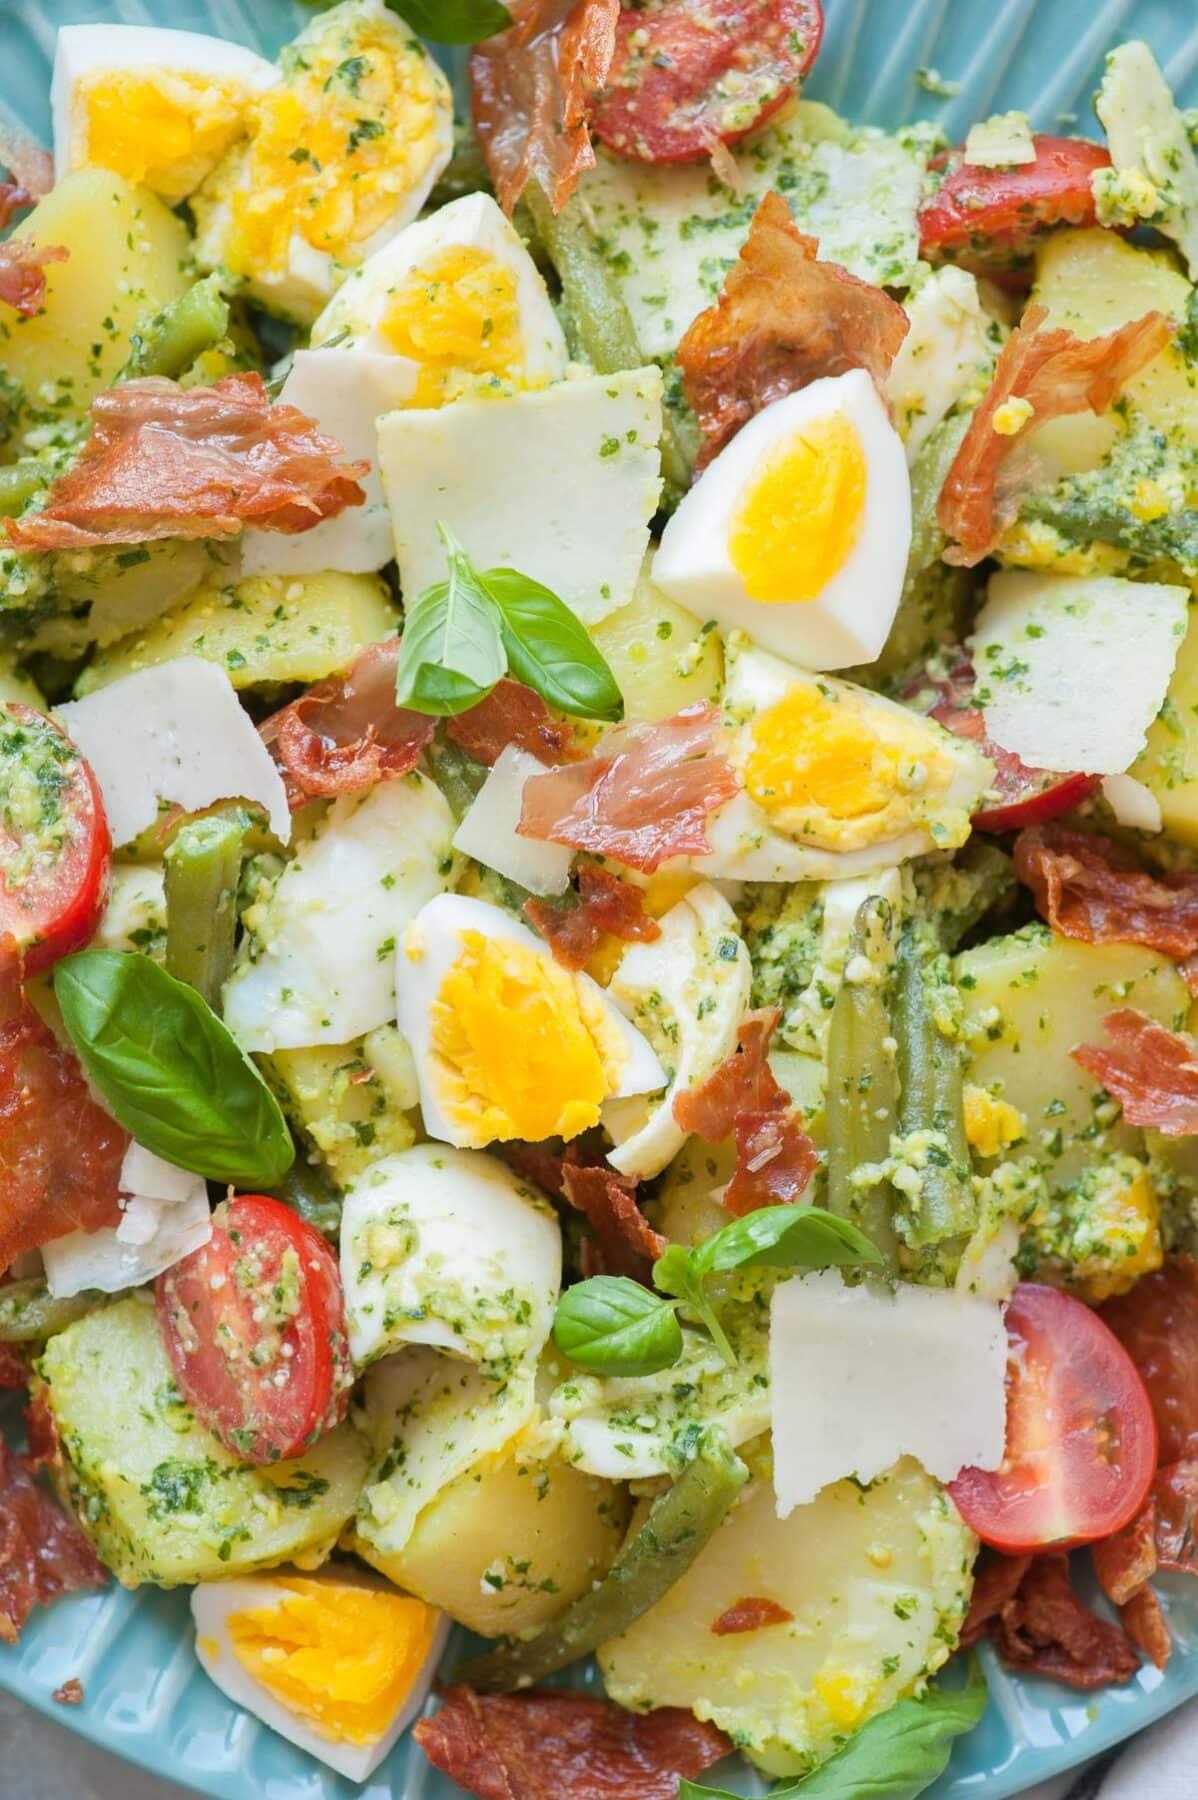 Sałatka ziemniaczana z pesto, jajkami i fasolką szparagową, pomidorkami cherry i szynką prosciutto.